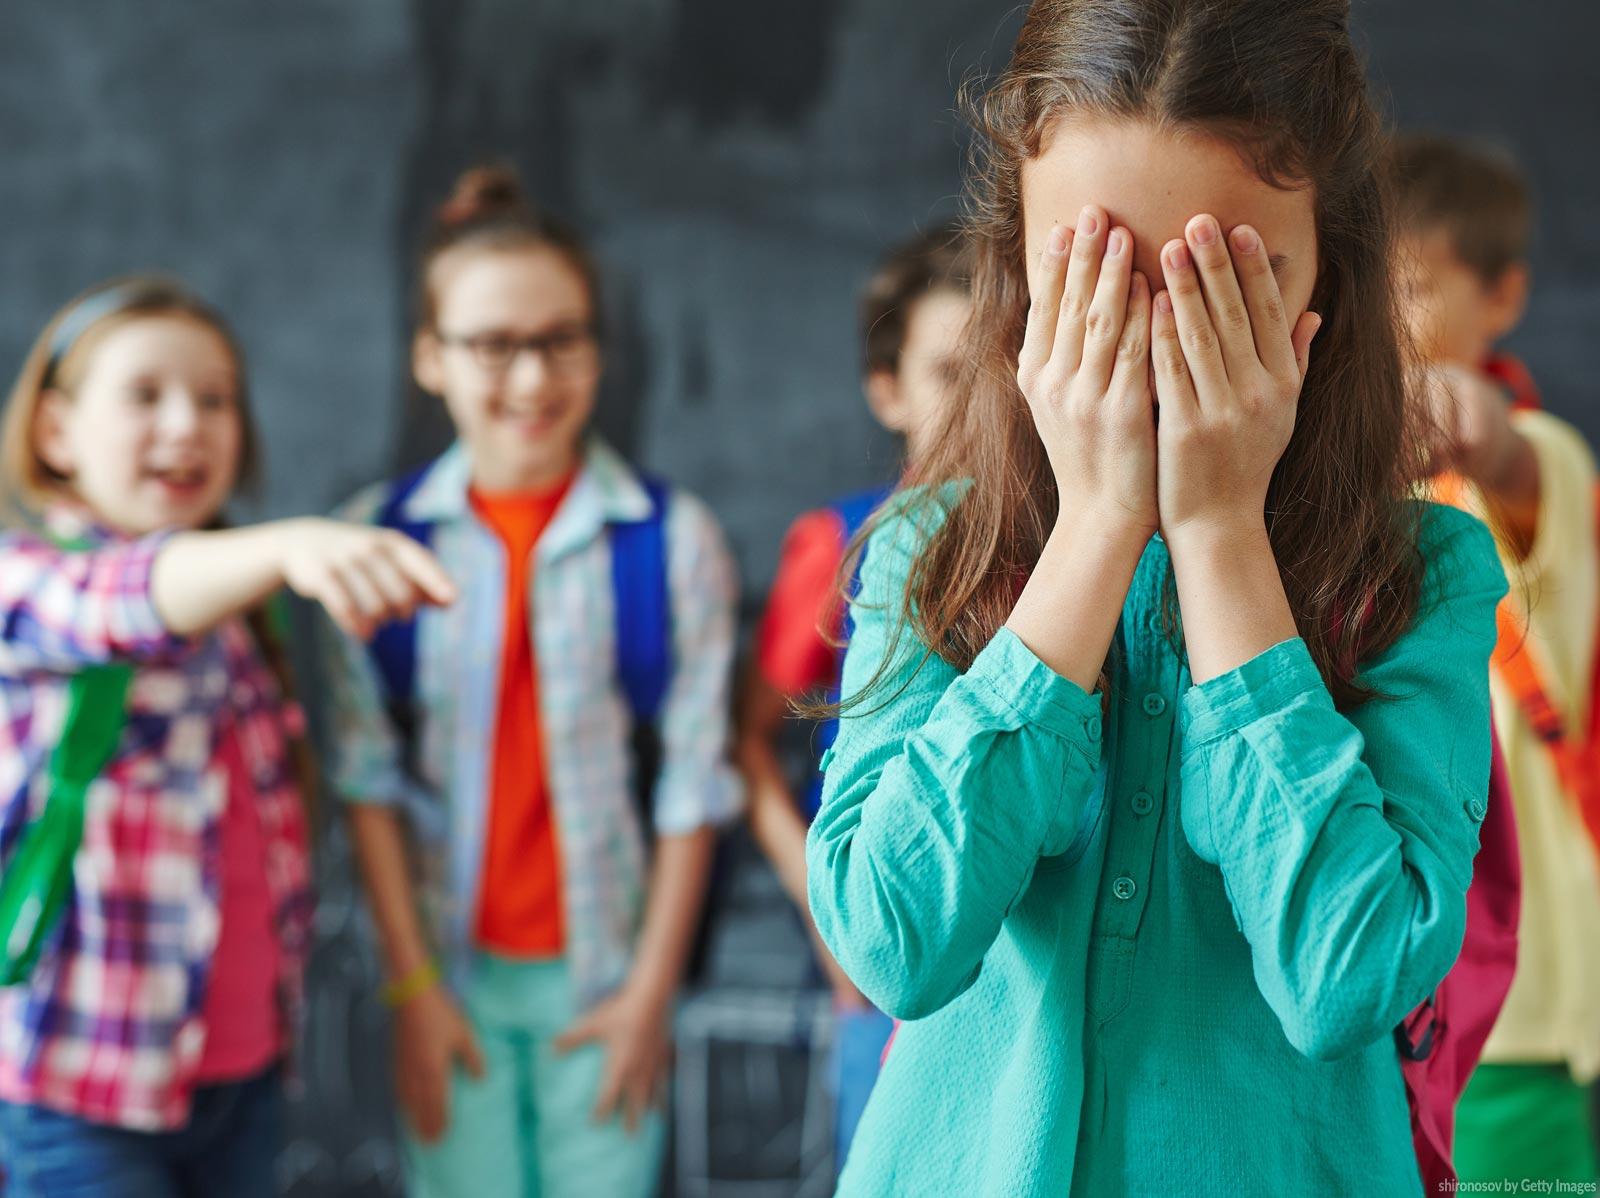 Minha filha sofreu bullying. Como reagi?